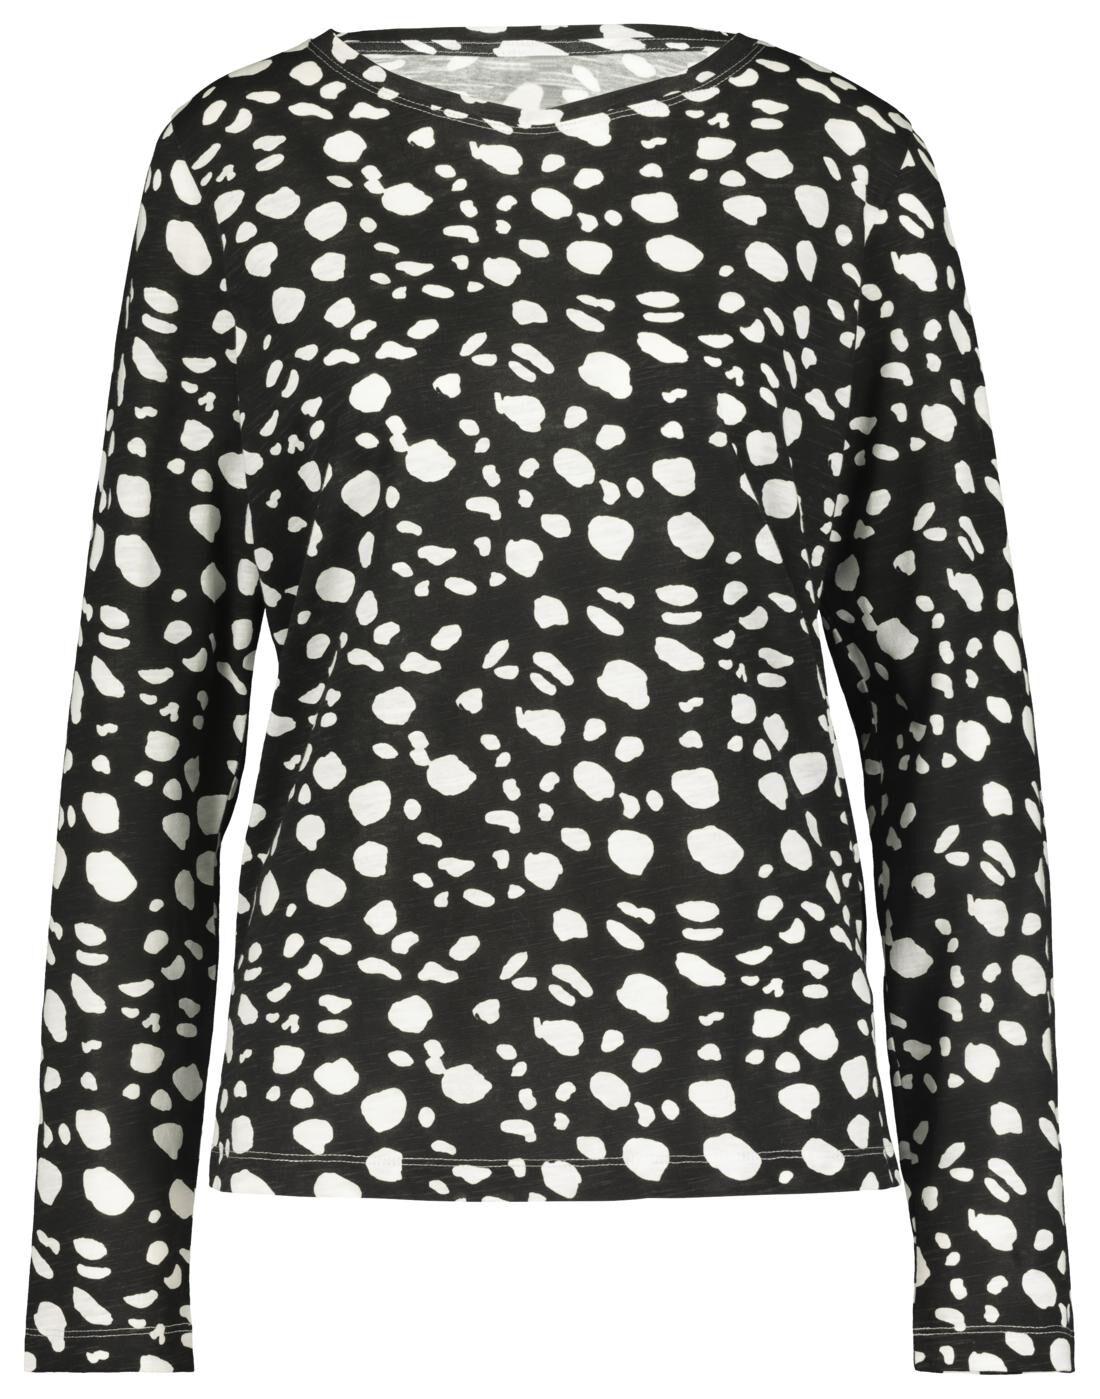 HEMA Dames T-shirt Zwart/wit (zwart/wit)